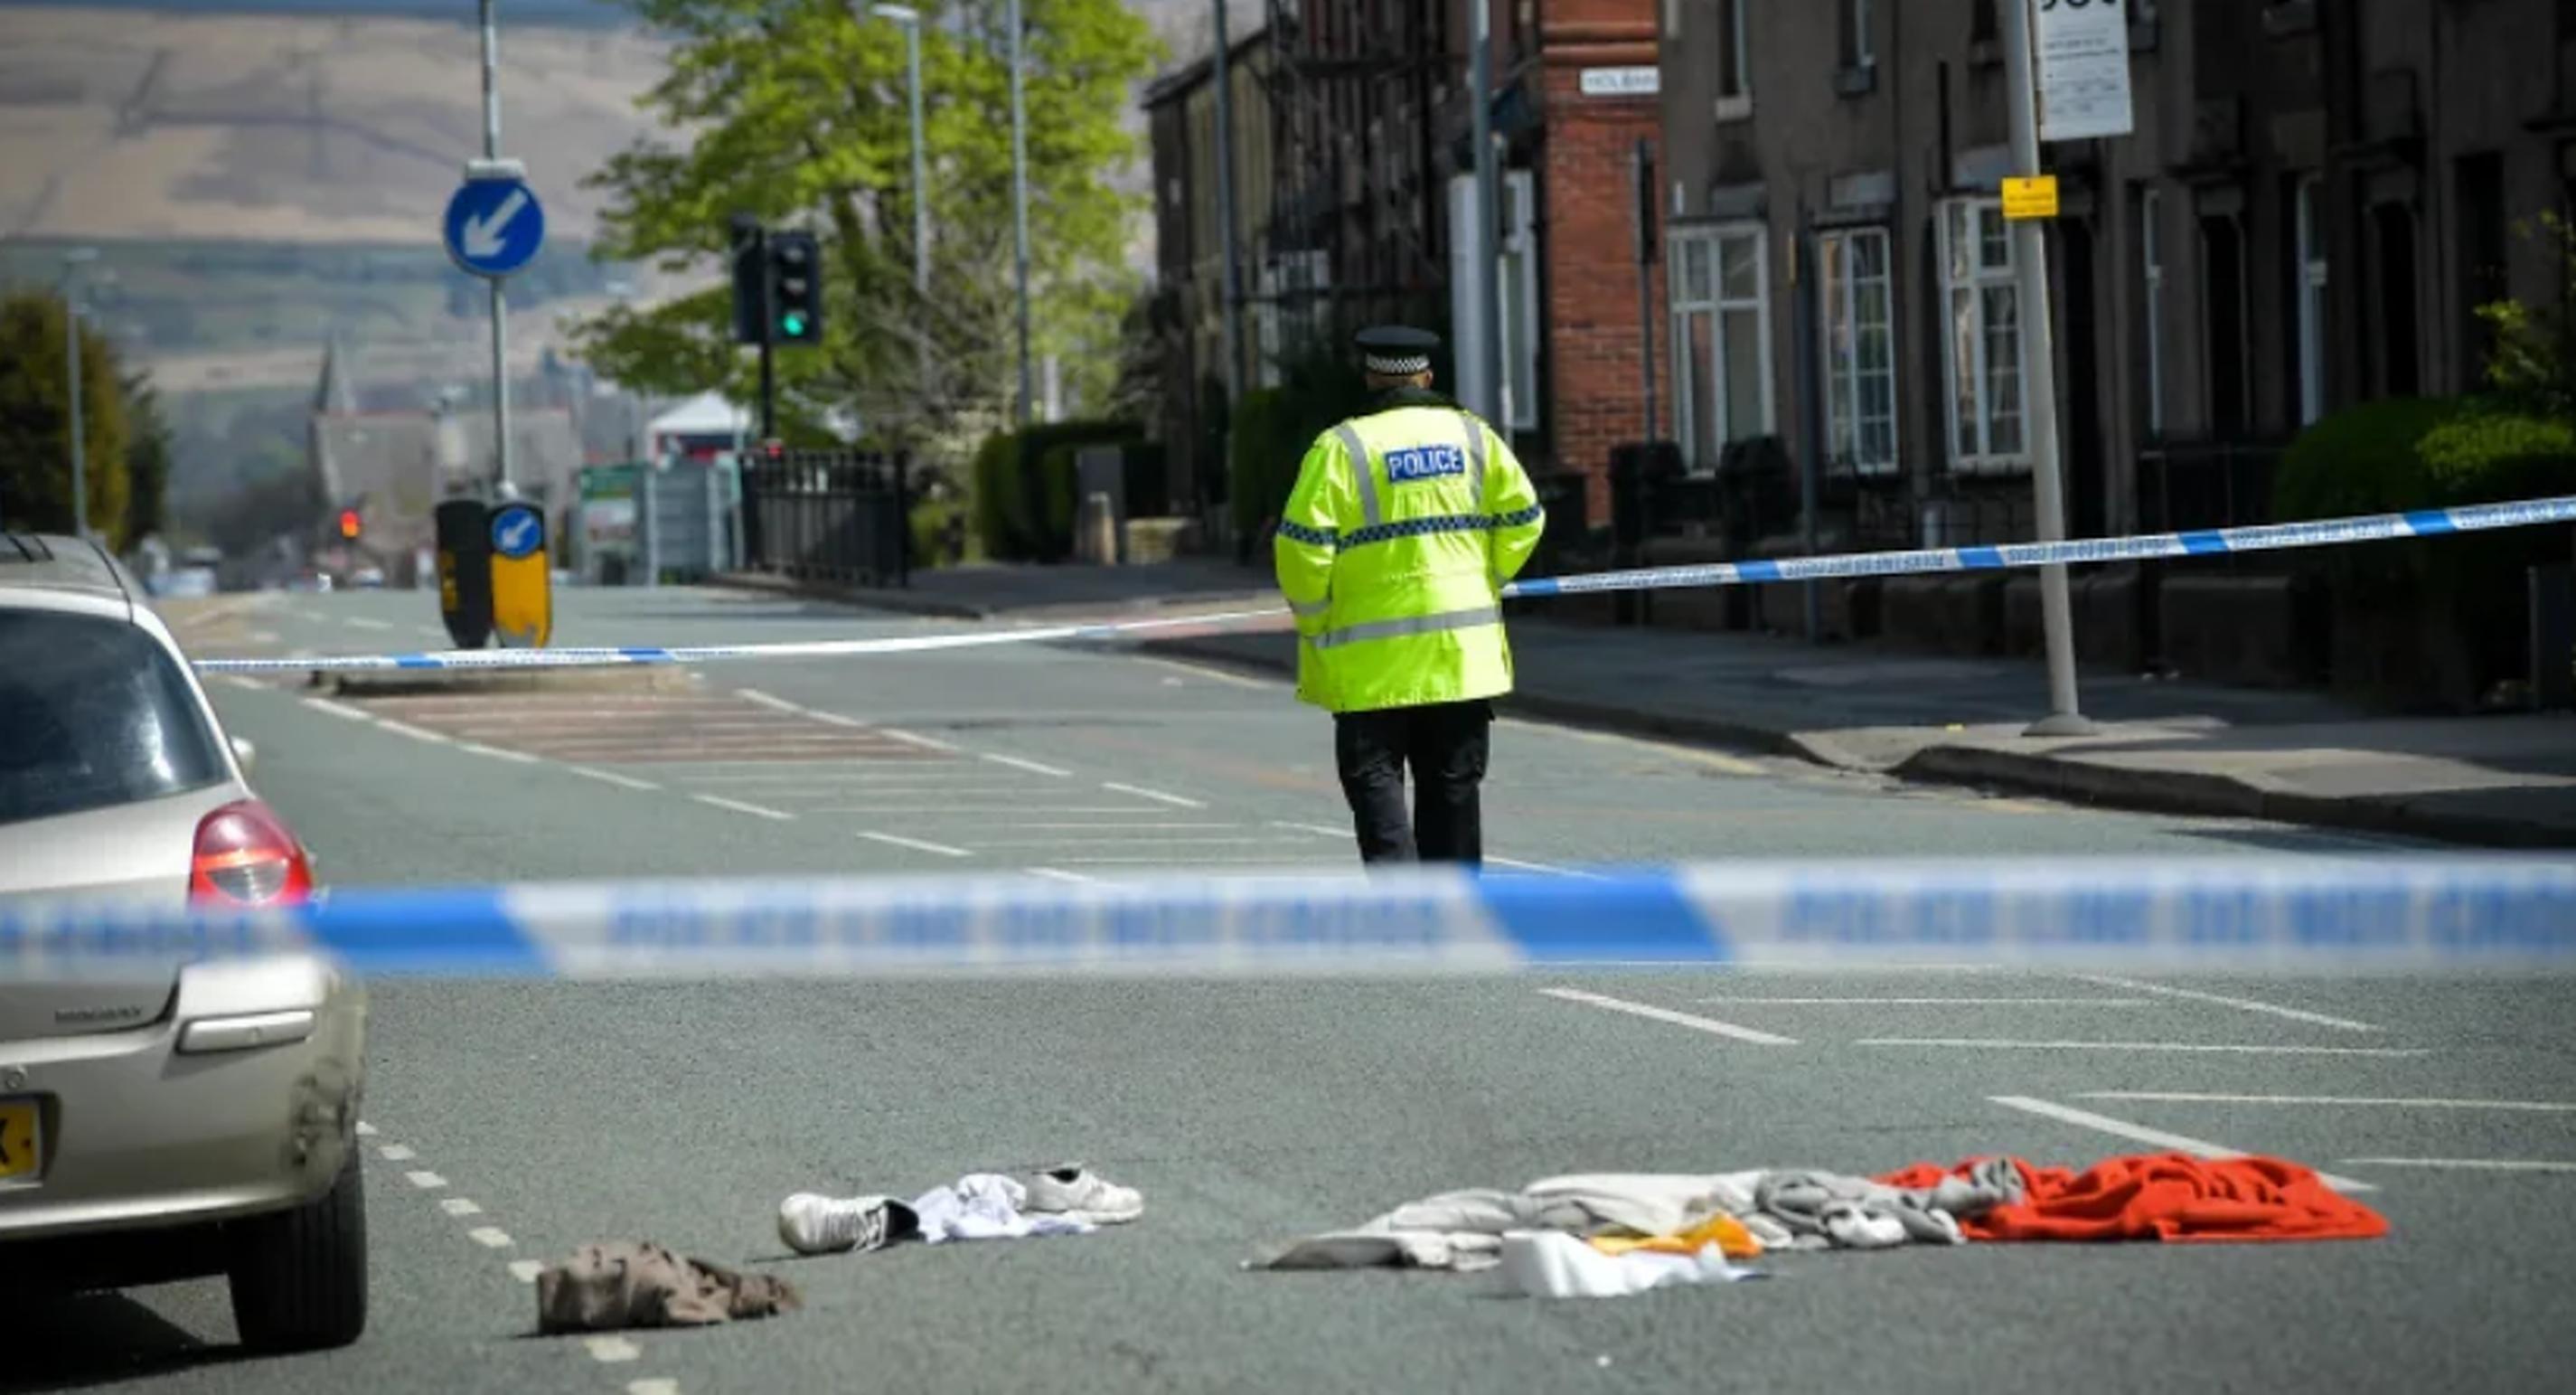 Un britanic a fost călcat de propriul autoturism, pe care hoțul tocmai îl furase